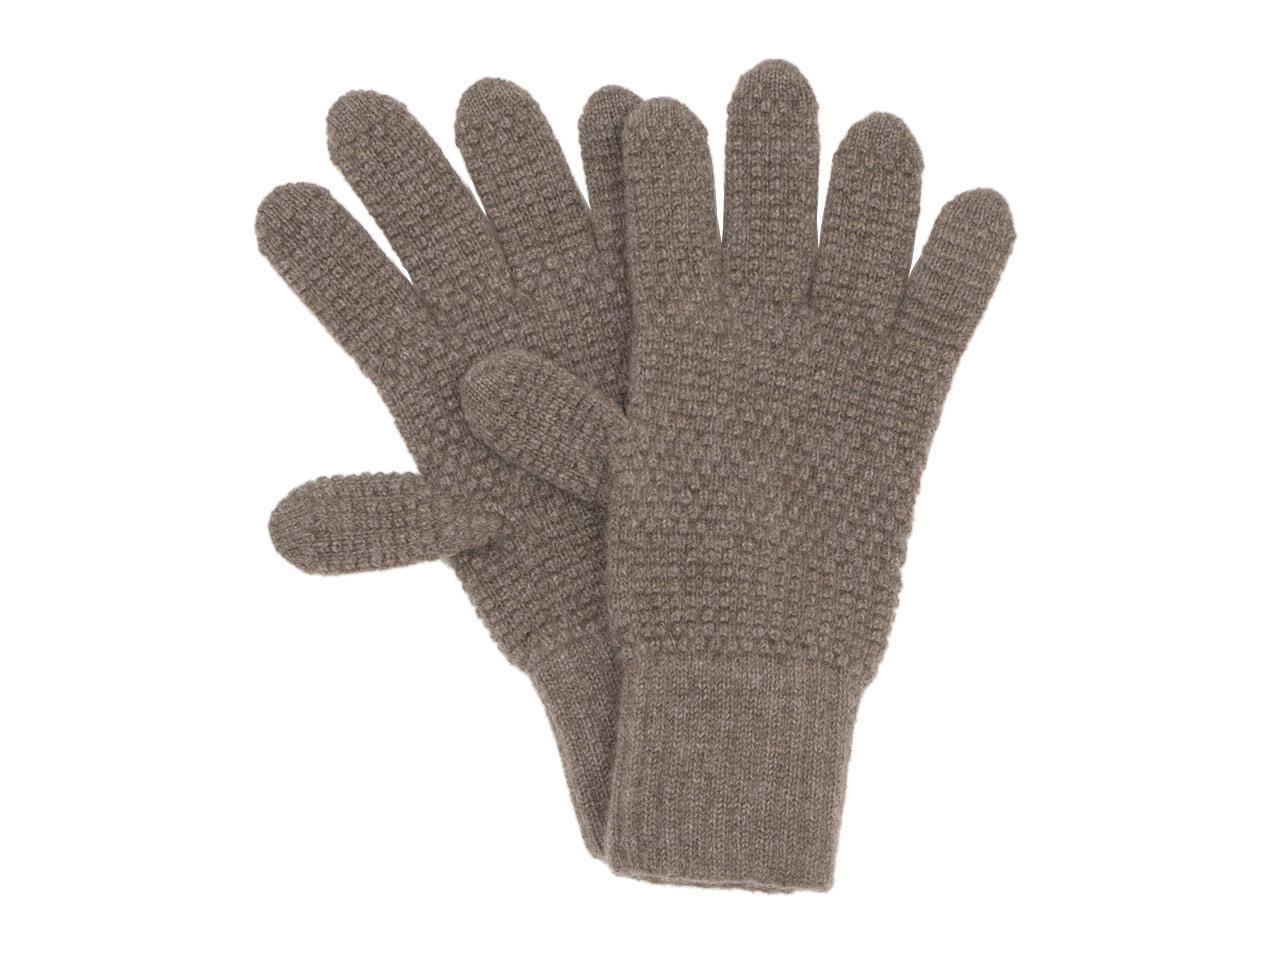 William Brunton Hand Knits Tuck Stitch Gloves